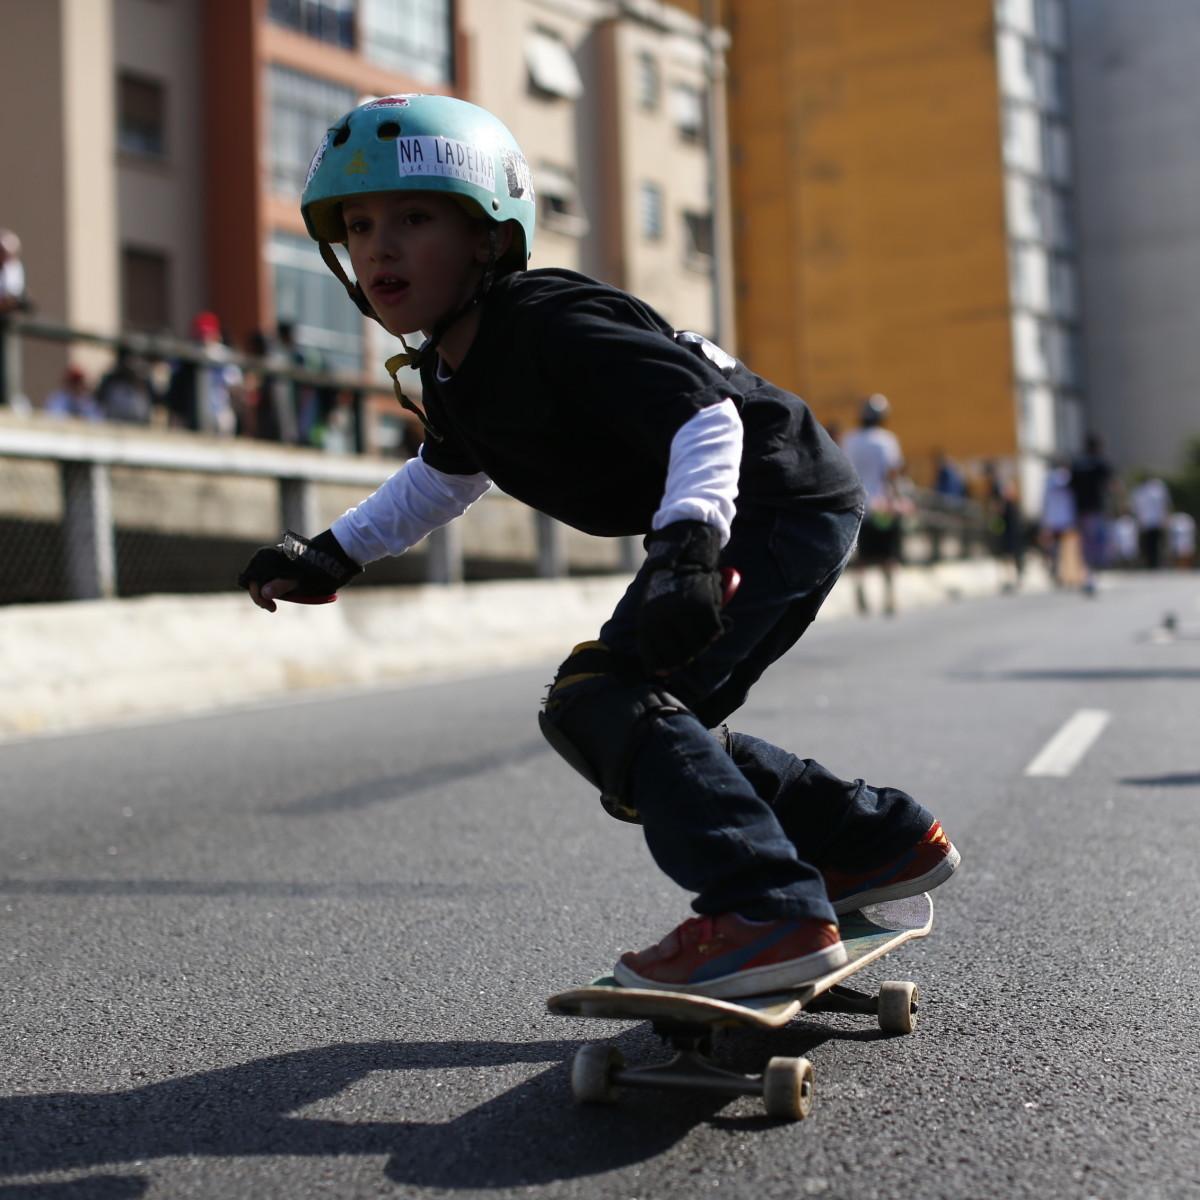 Campeões e especialistas em skate indicam 7 bons lugares para andar em SP -  30 06 2016 - Passeios - Guia Folha 1f2f29827e2